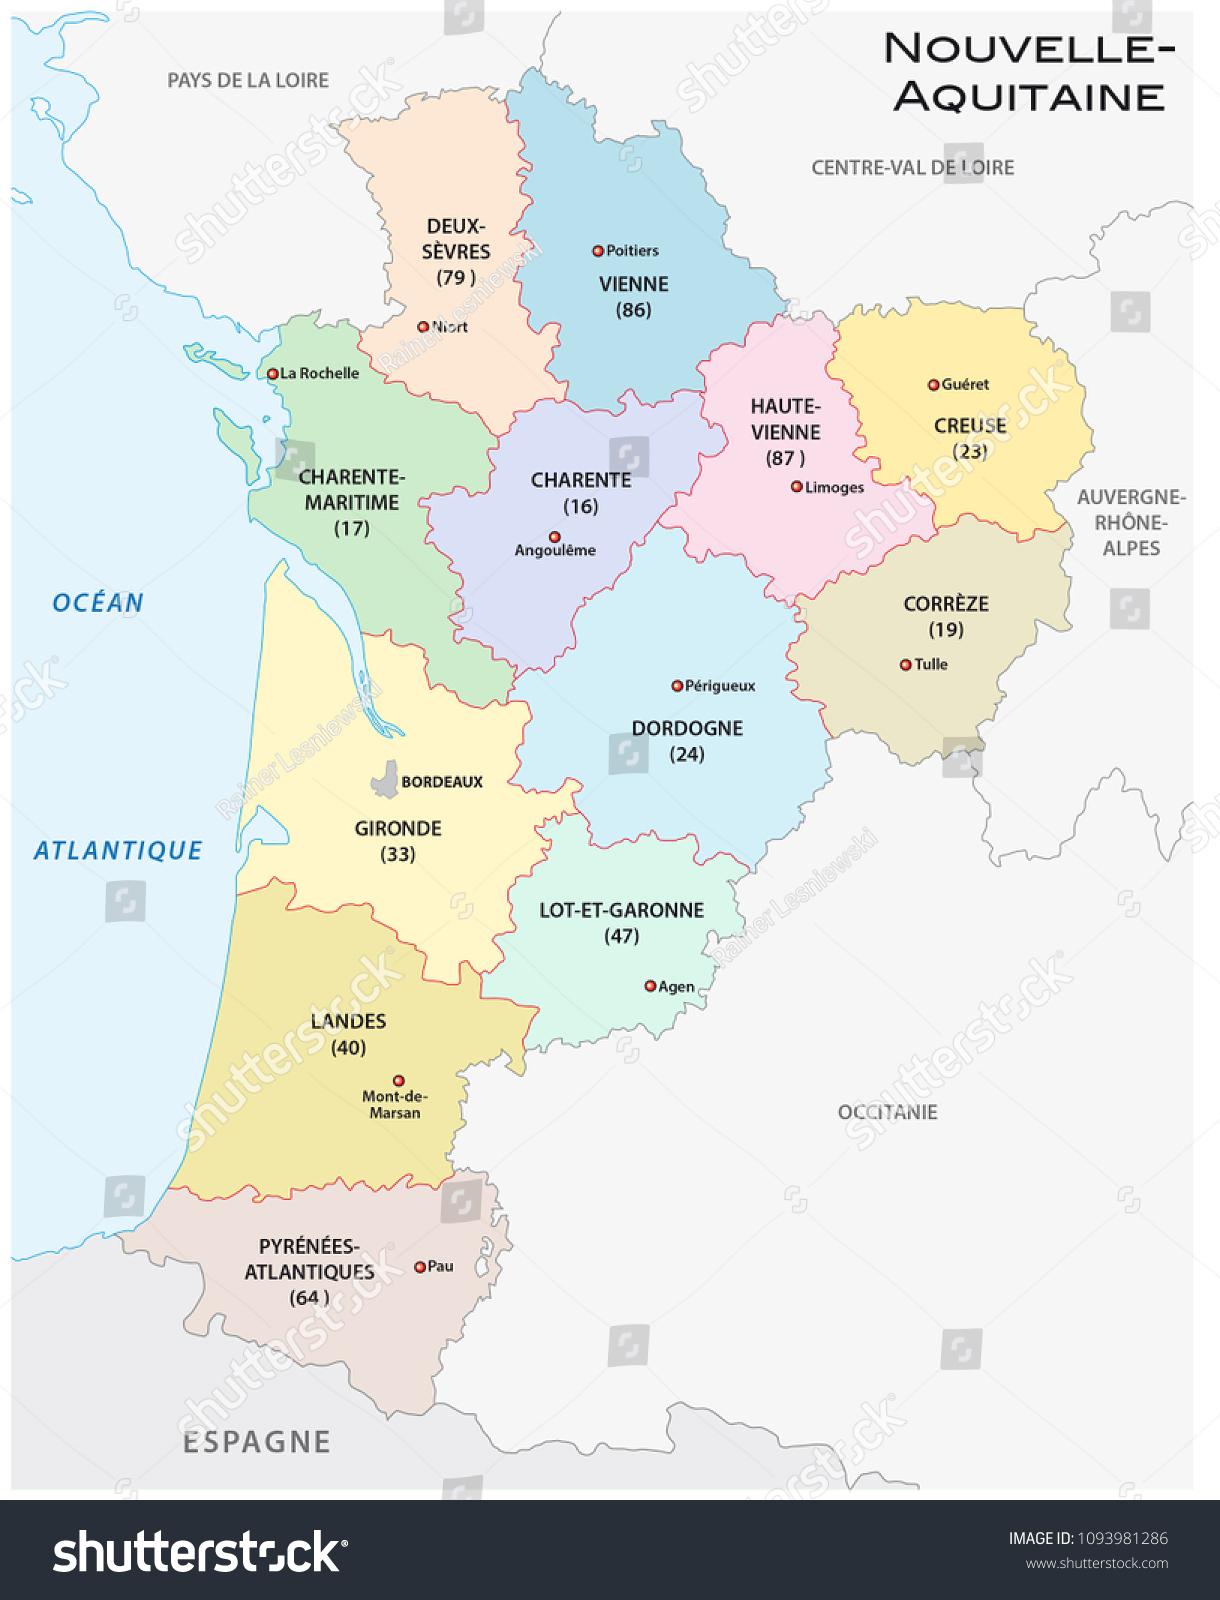 Image Vectorielle De Stock De Carte Administrative Et pour Carte Nouvelle Region